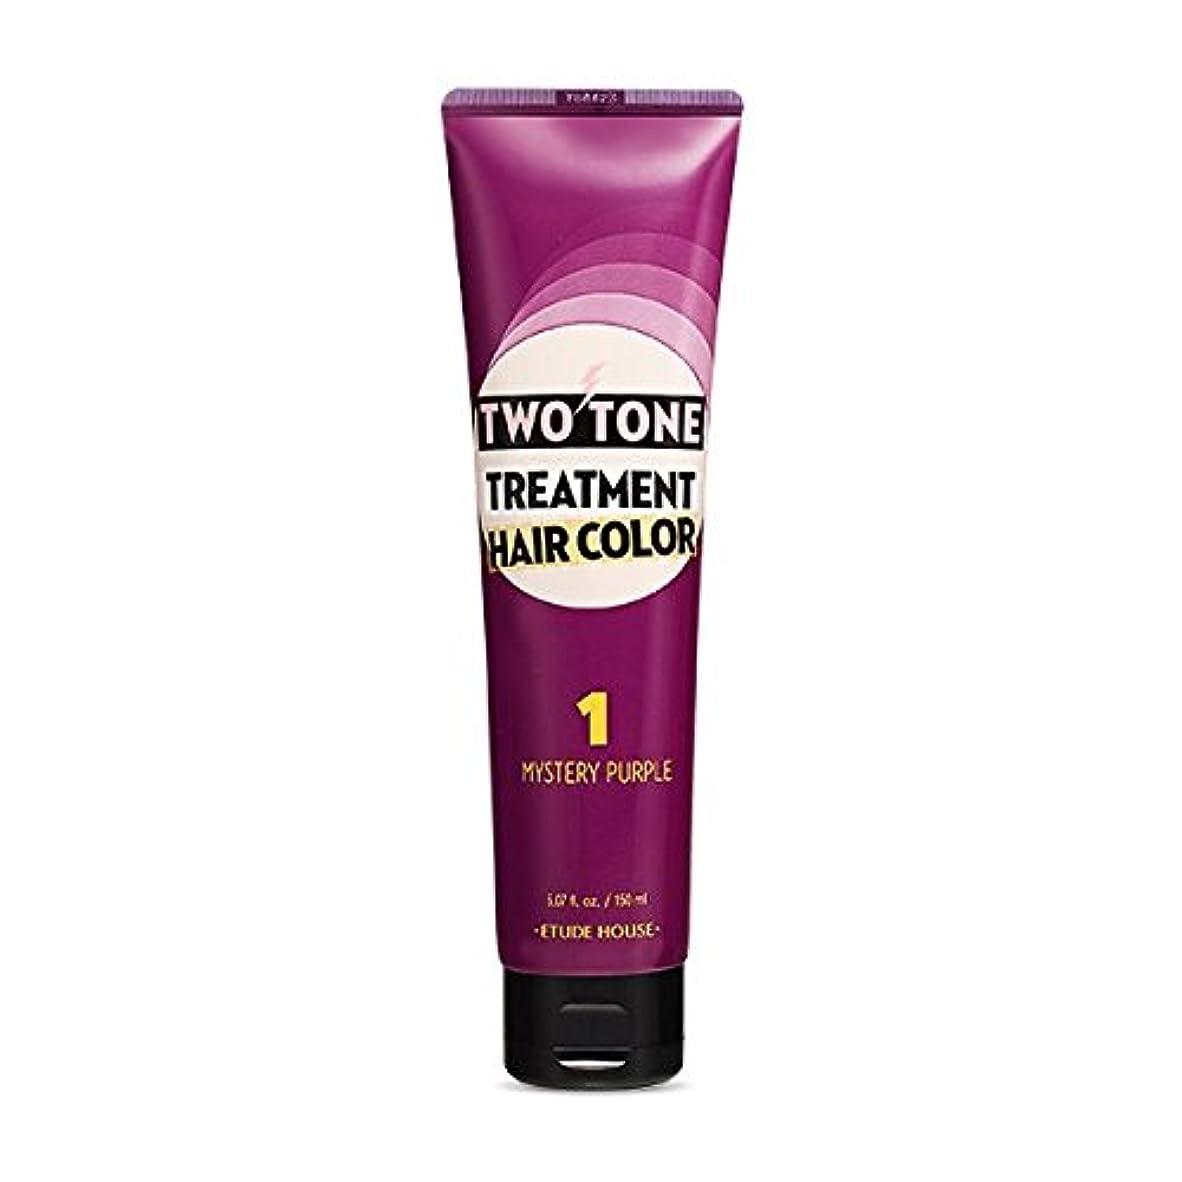 元気ガイダンス振り向くETUDE HOUSE Two Tone Treatment Hair Color 150ml/エチュードハウス ツートーン トリートメント ヘア カラー 150ml (#1 Mistery Purple) [並行輸入品]